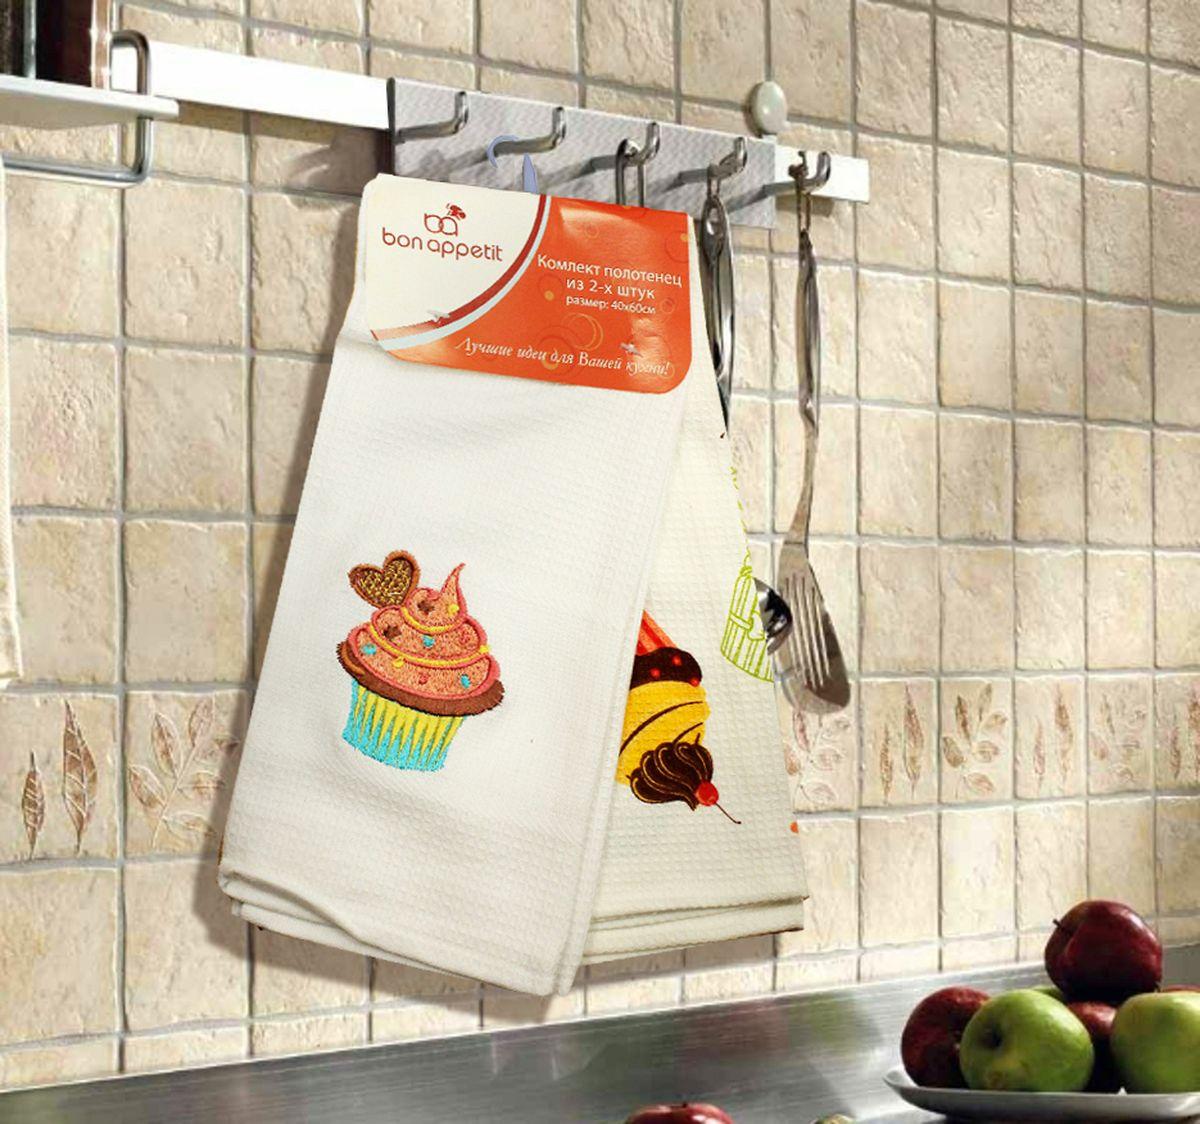 Набор кухонных полотенец Bon Appetit Cake, цвет: синий, 2 шт68108Кухонные полотенца Bon Appetit Cake идеально дополнят интерьер вашей кухни и создадут атмосферу уюта и комфорта. Полотенца выполнены из натурального 100% хлопка, поэтому являются экологически чистыми. Качество материала гарантирует безопасность не только взрослых, но и самых маленьких членов семьи. Размер полотенца: 40 х 60 см. В комплекте: 2 полотенца.